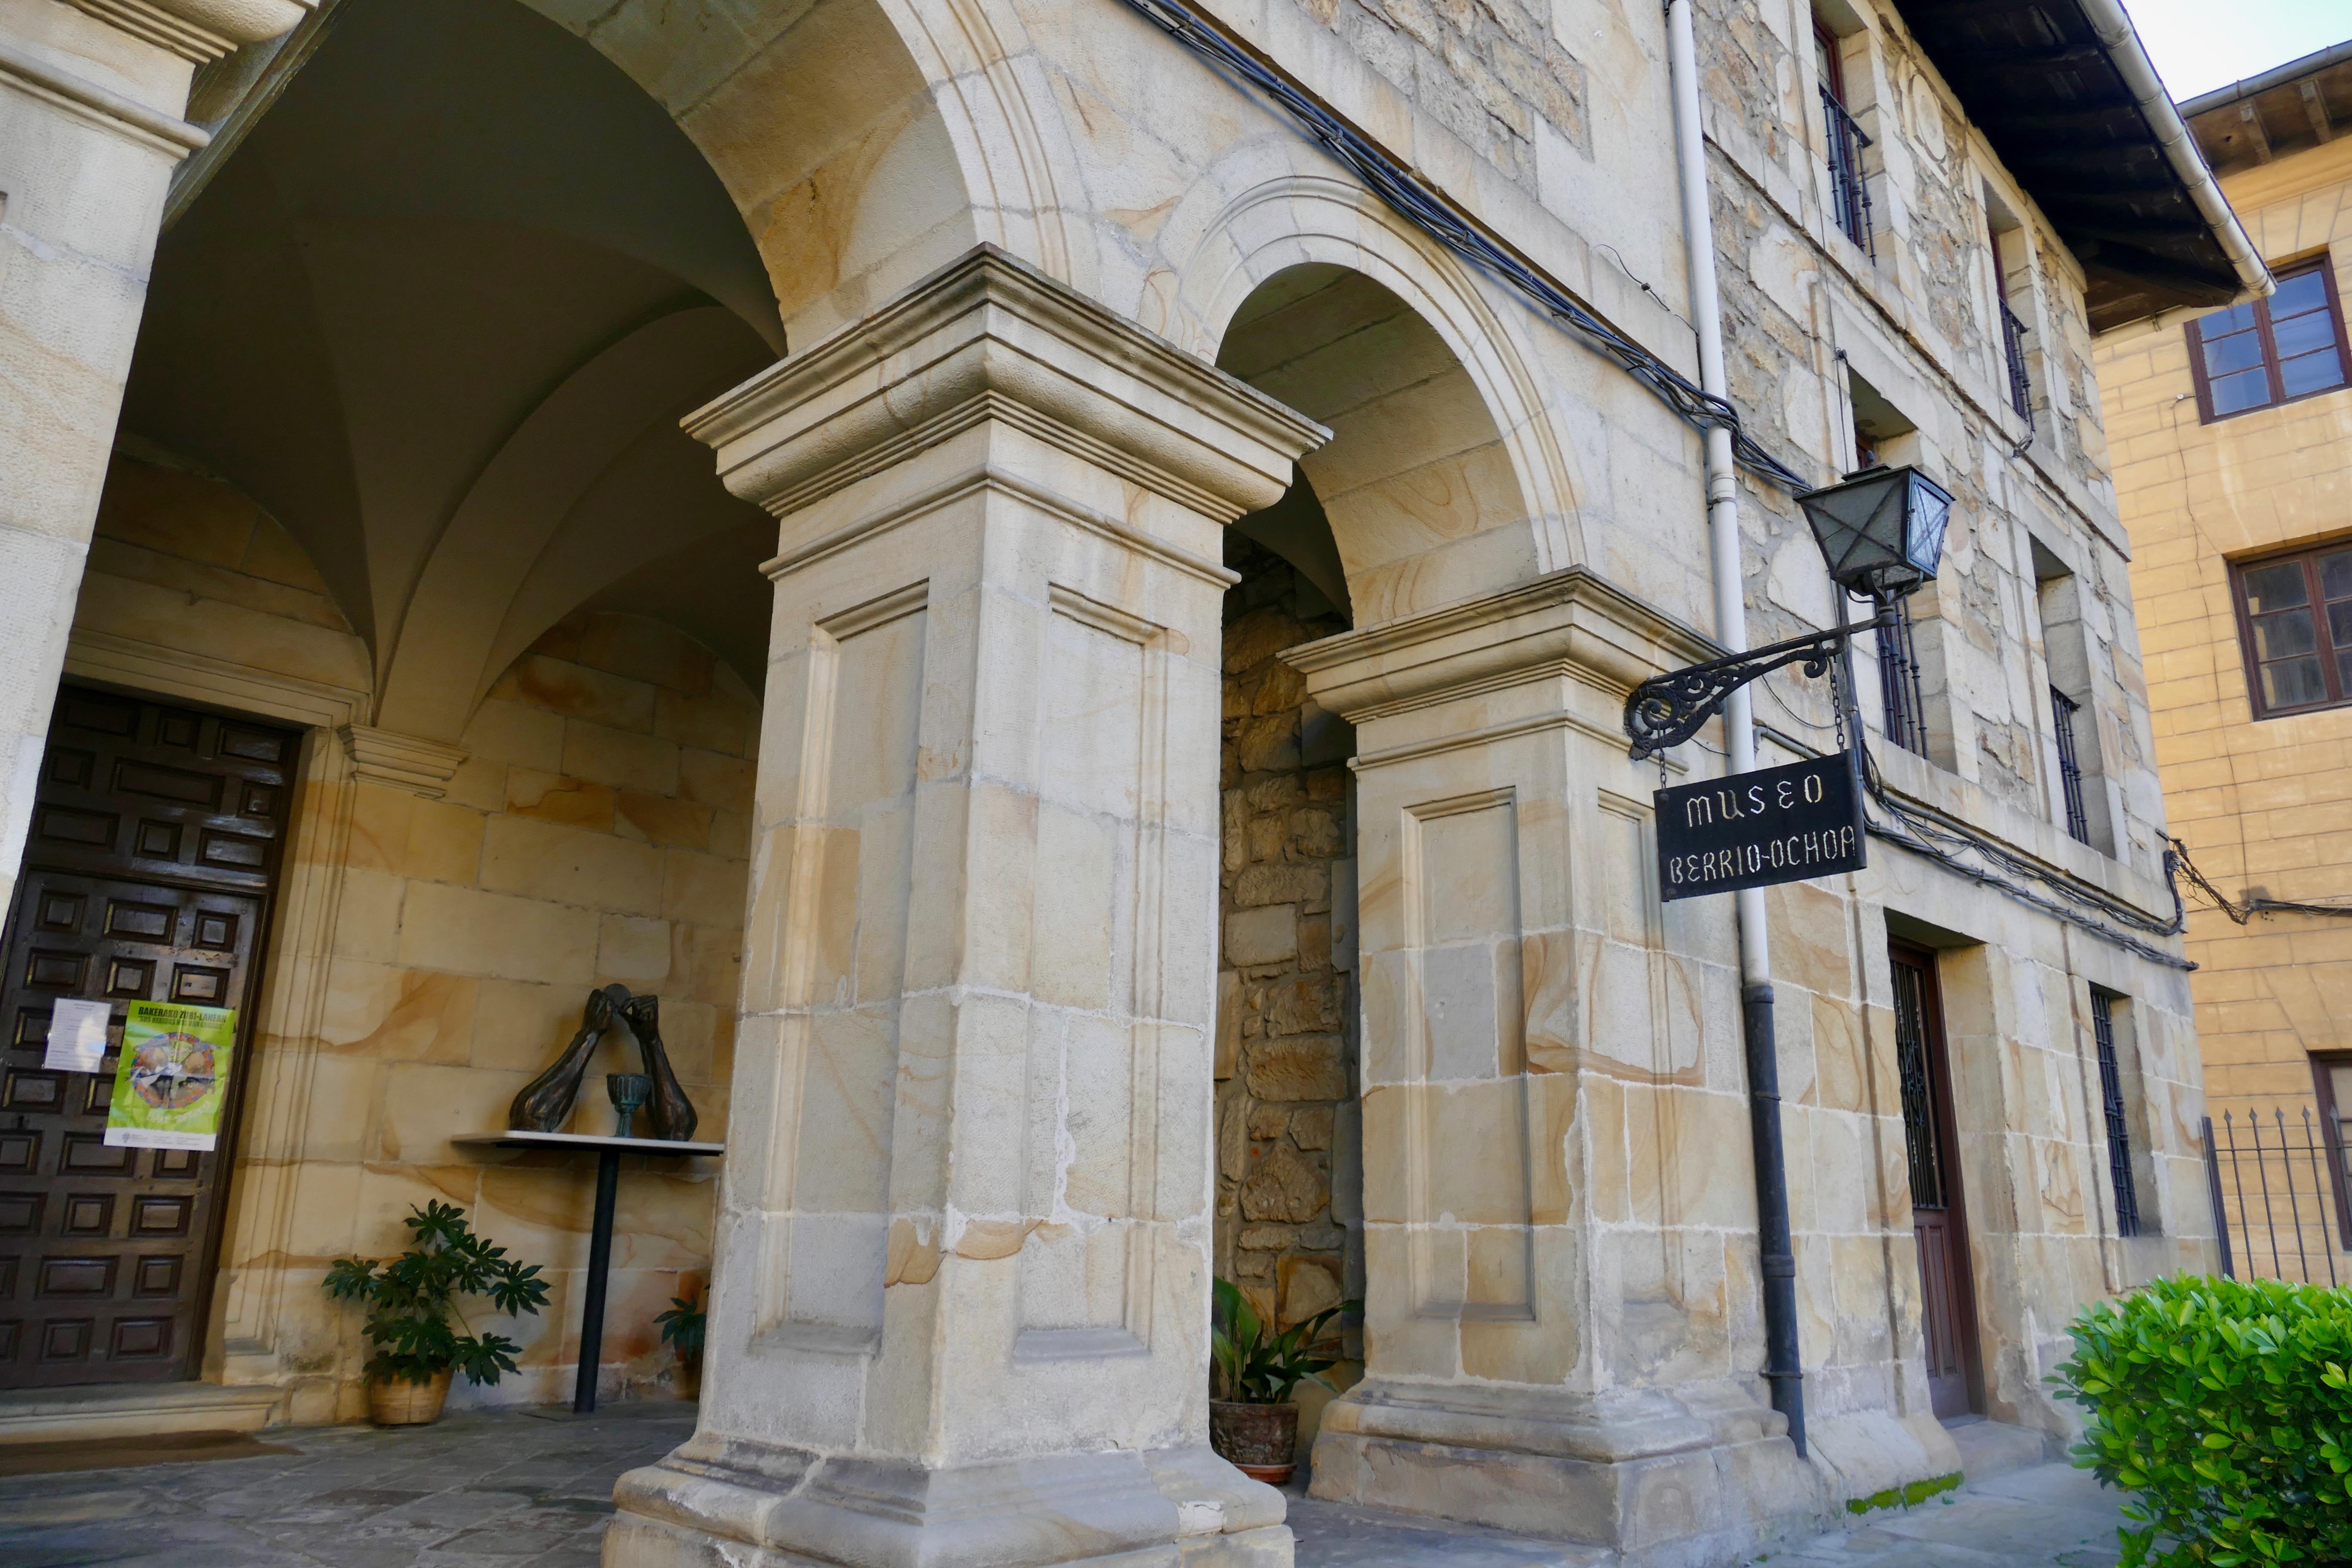 Musée Berrio Otxoa